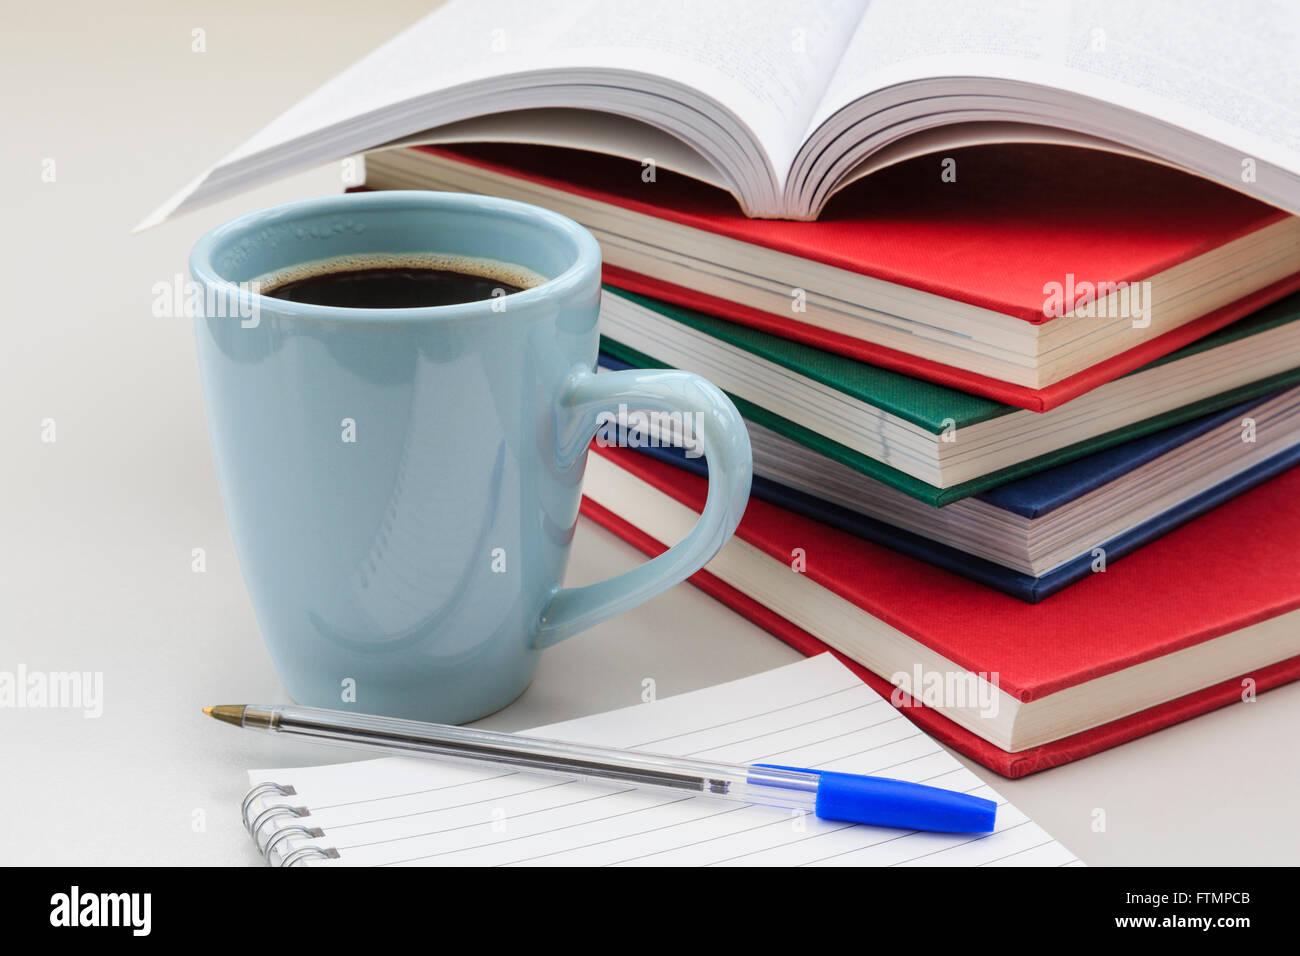 Tas Tasse Des L'étudiant D'études De Scène Et Café Avec Livres jzMGqUVpLS